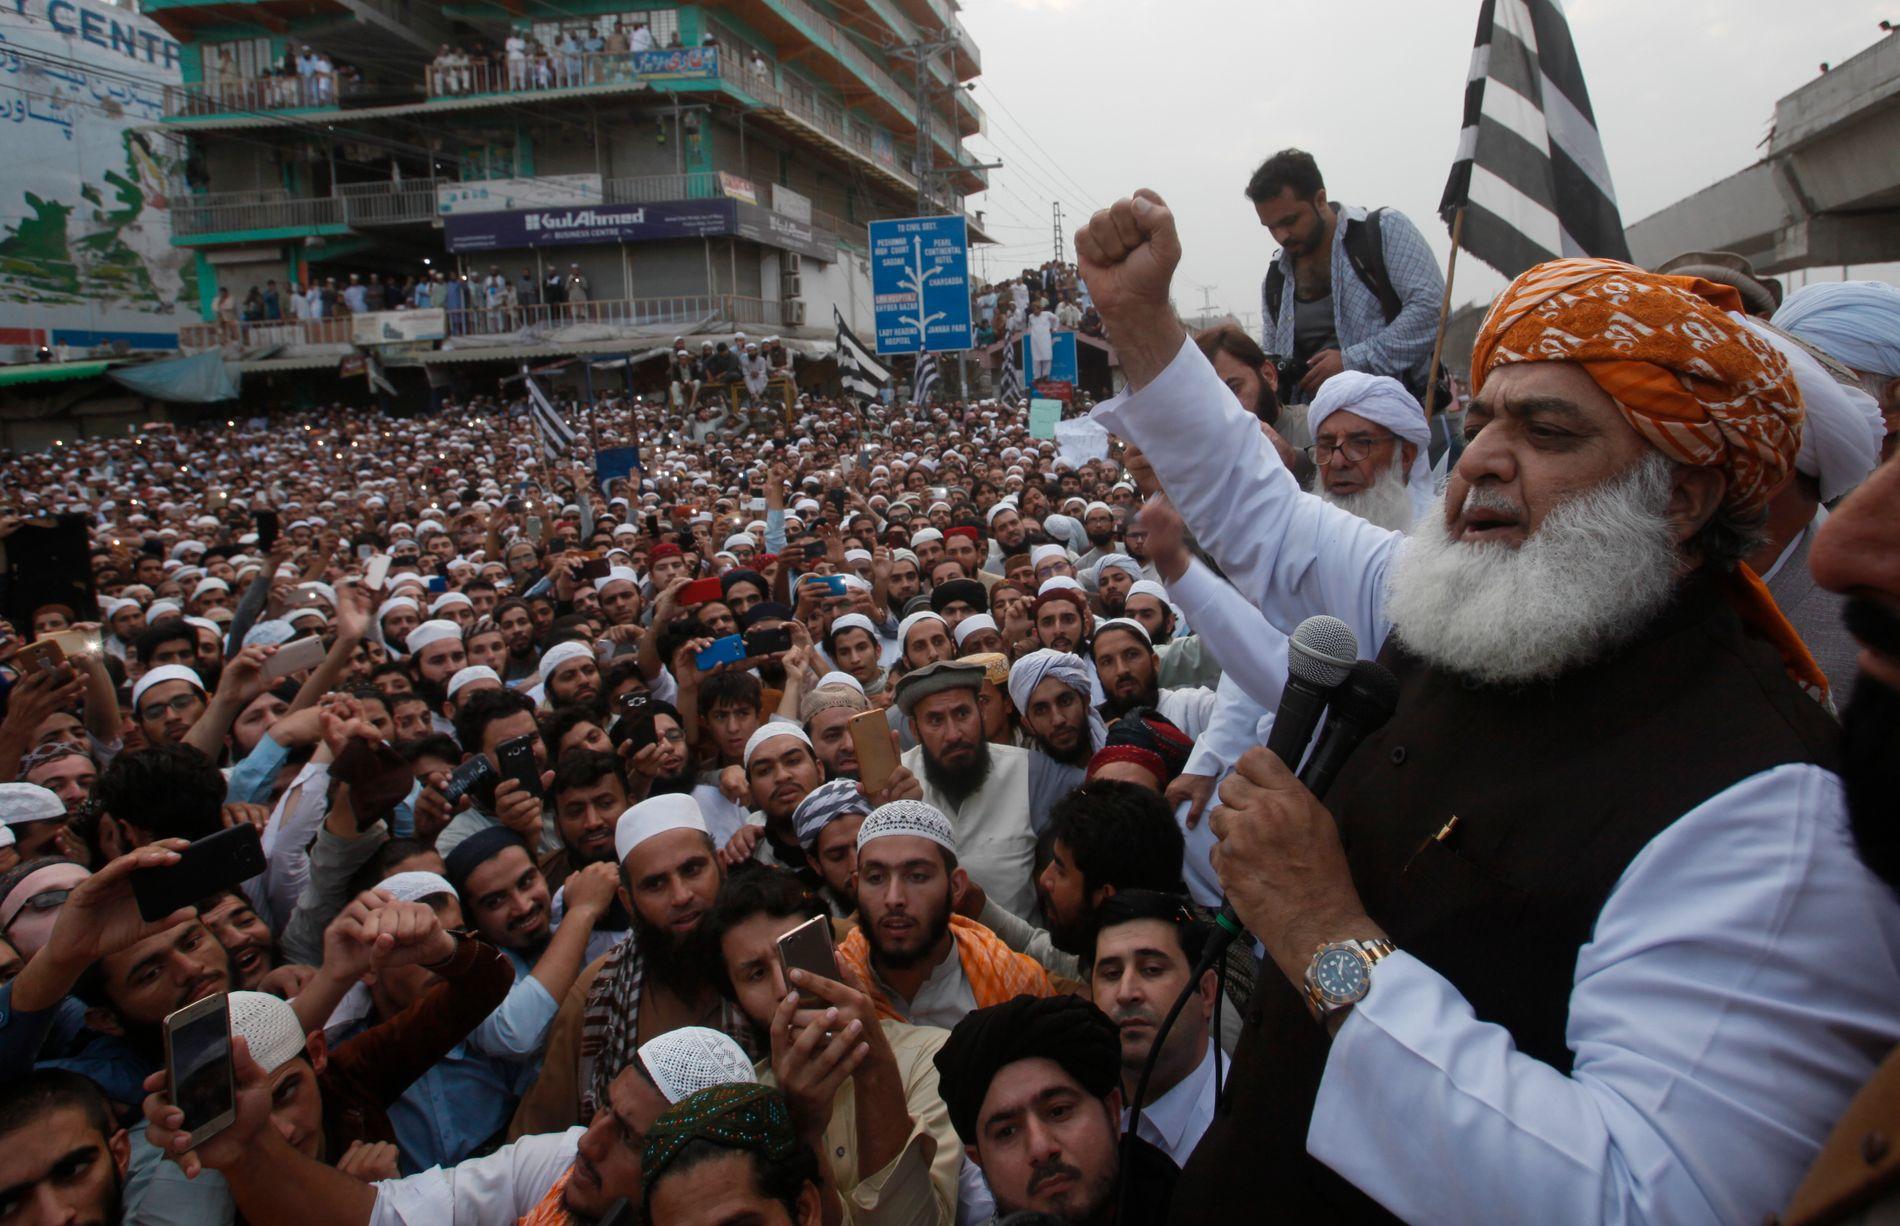 DEMONSTRERER: Lederen for det religiøse pakistanske partiet Jamiat Ulema-e-Islam, Maulana Fazalur Rehman, fordømmer frifinnelsen av en blasfemianklaget dødsdømt kvinne under en demonstrasjon i Peshawar fredag.